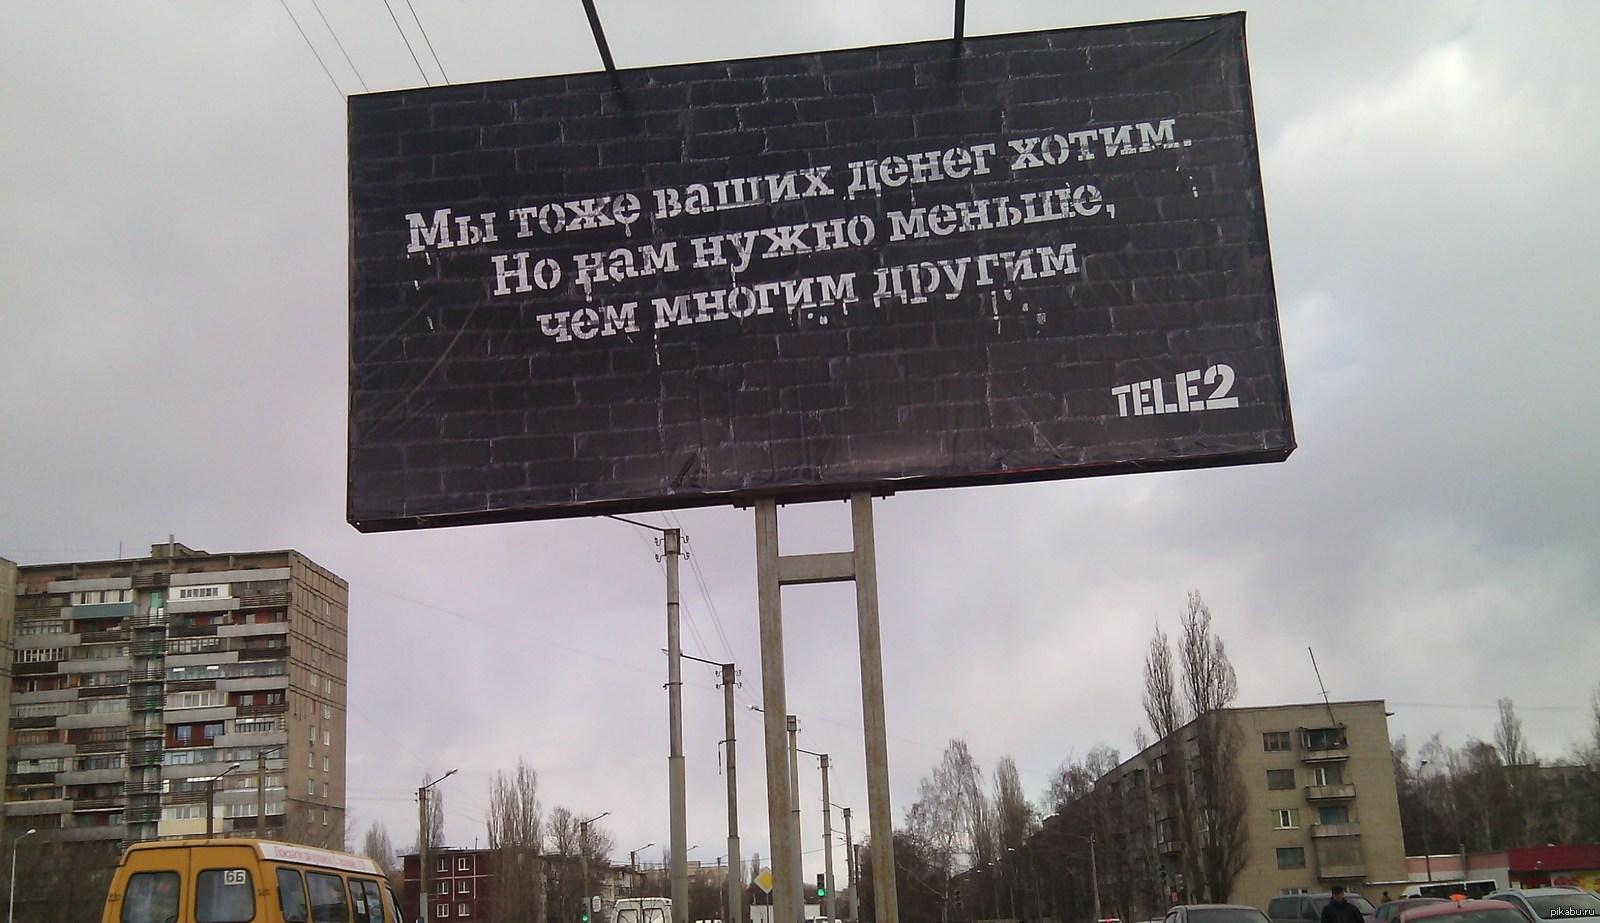 По дорогам Подмосковья вместе с Теле 2